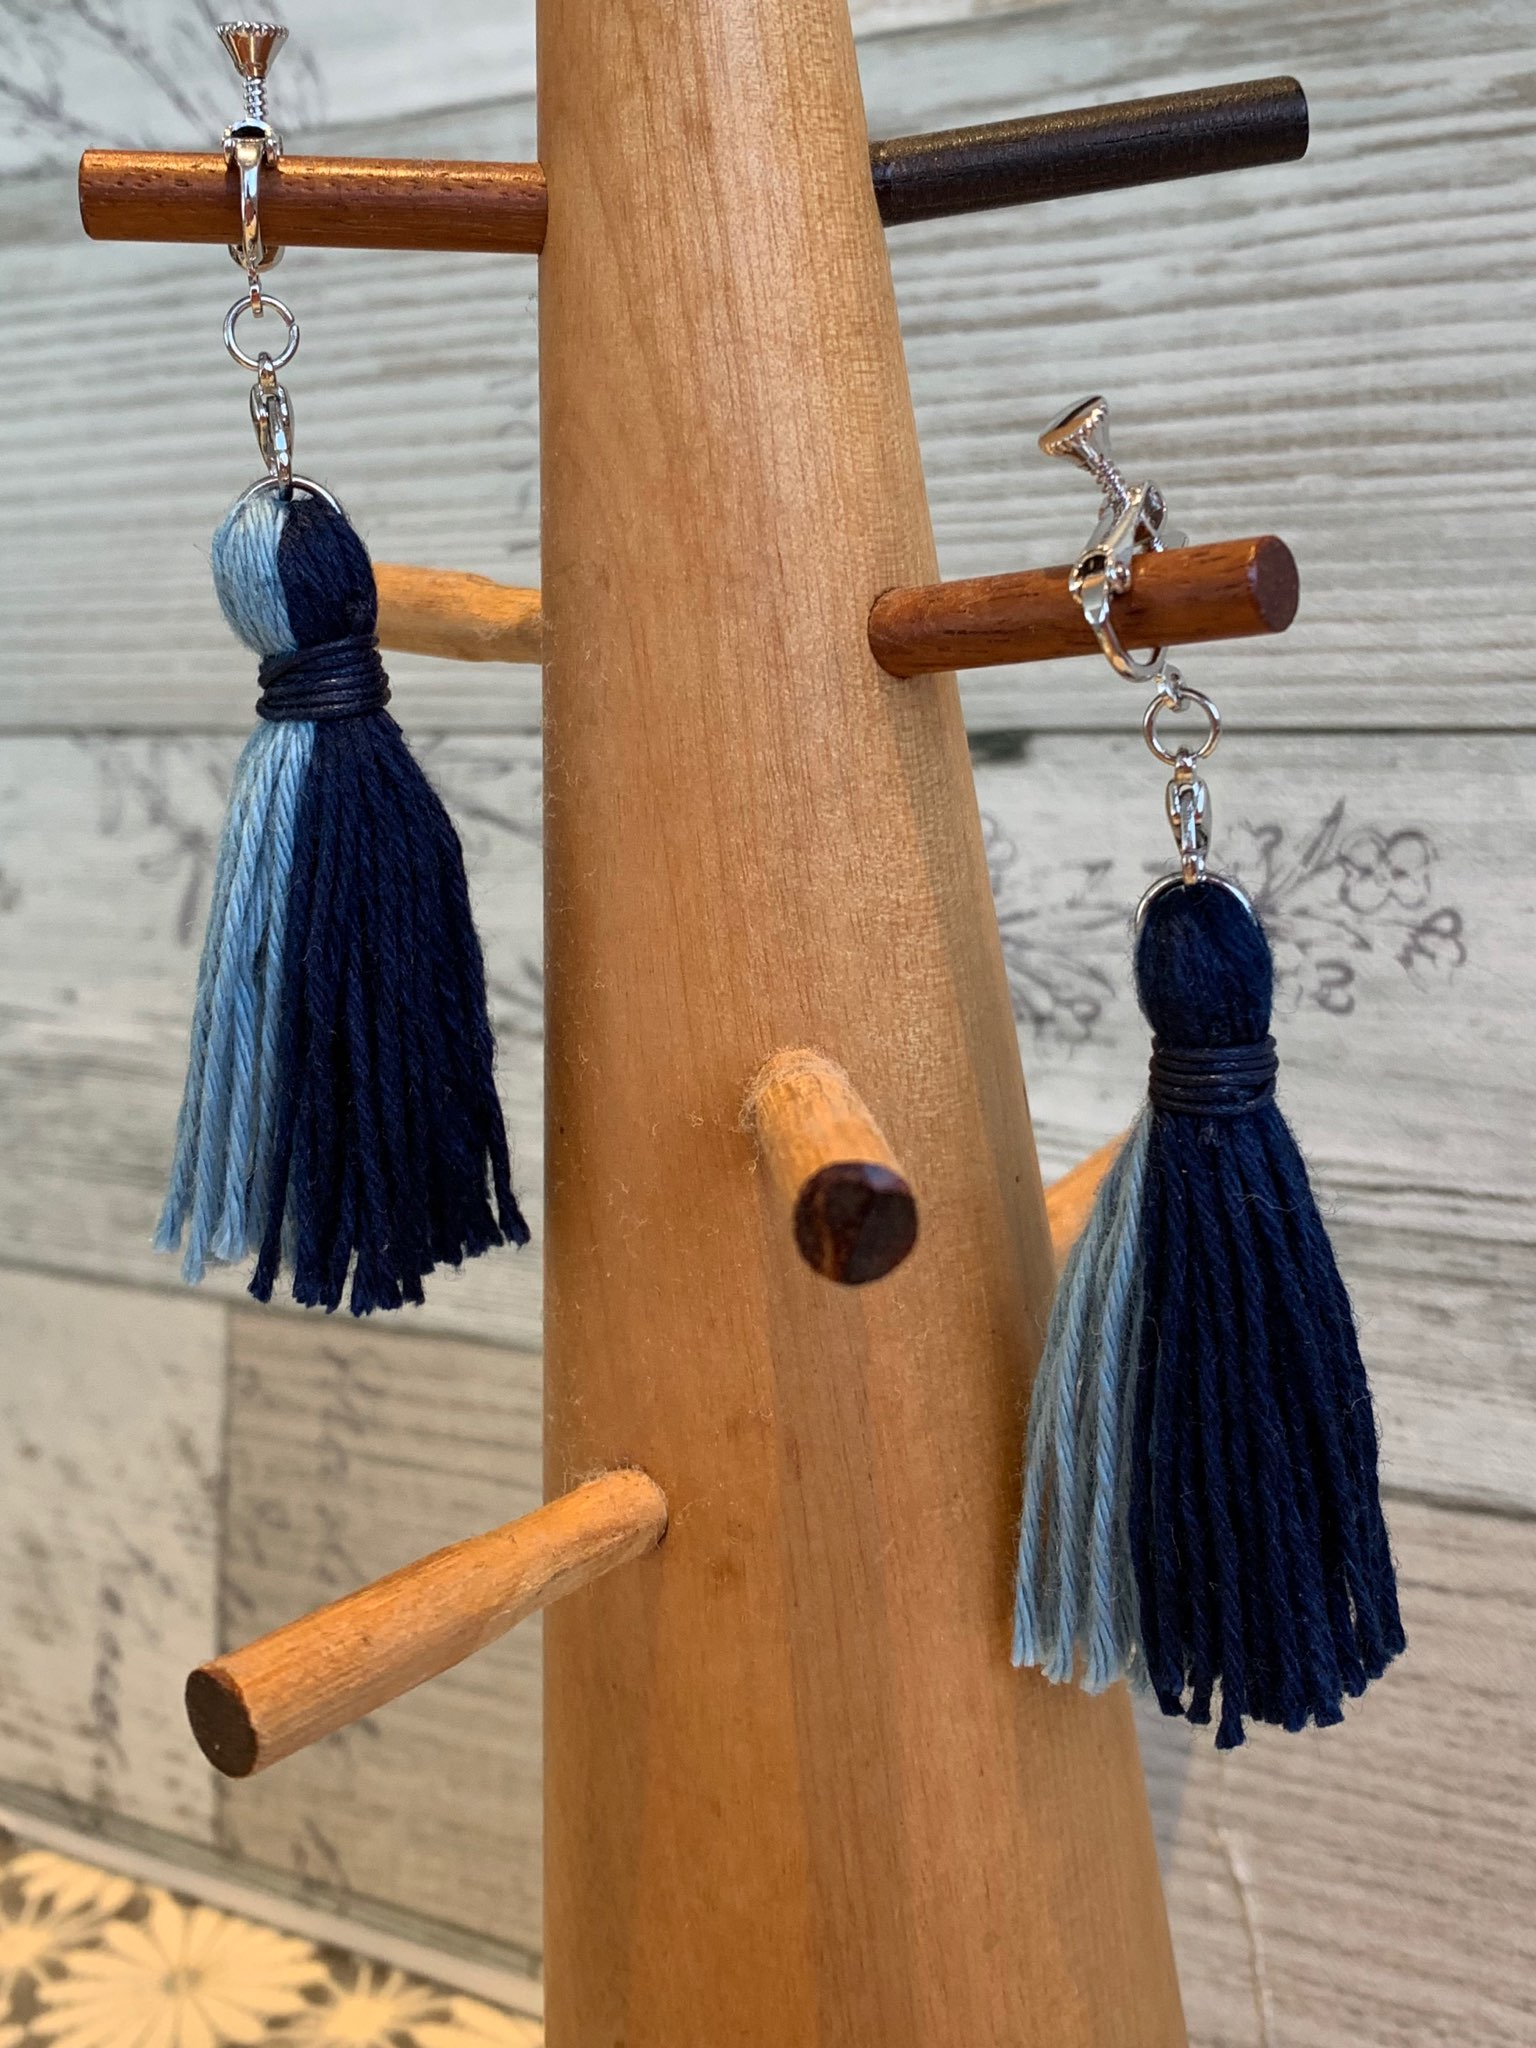 阿波藍染糸のいやりんぐ